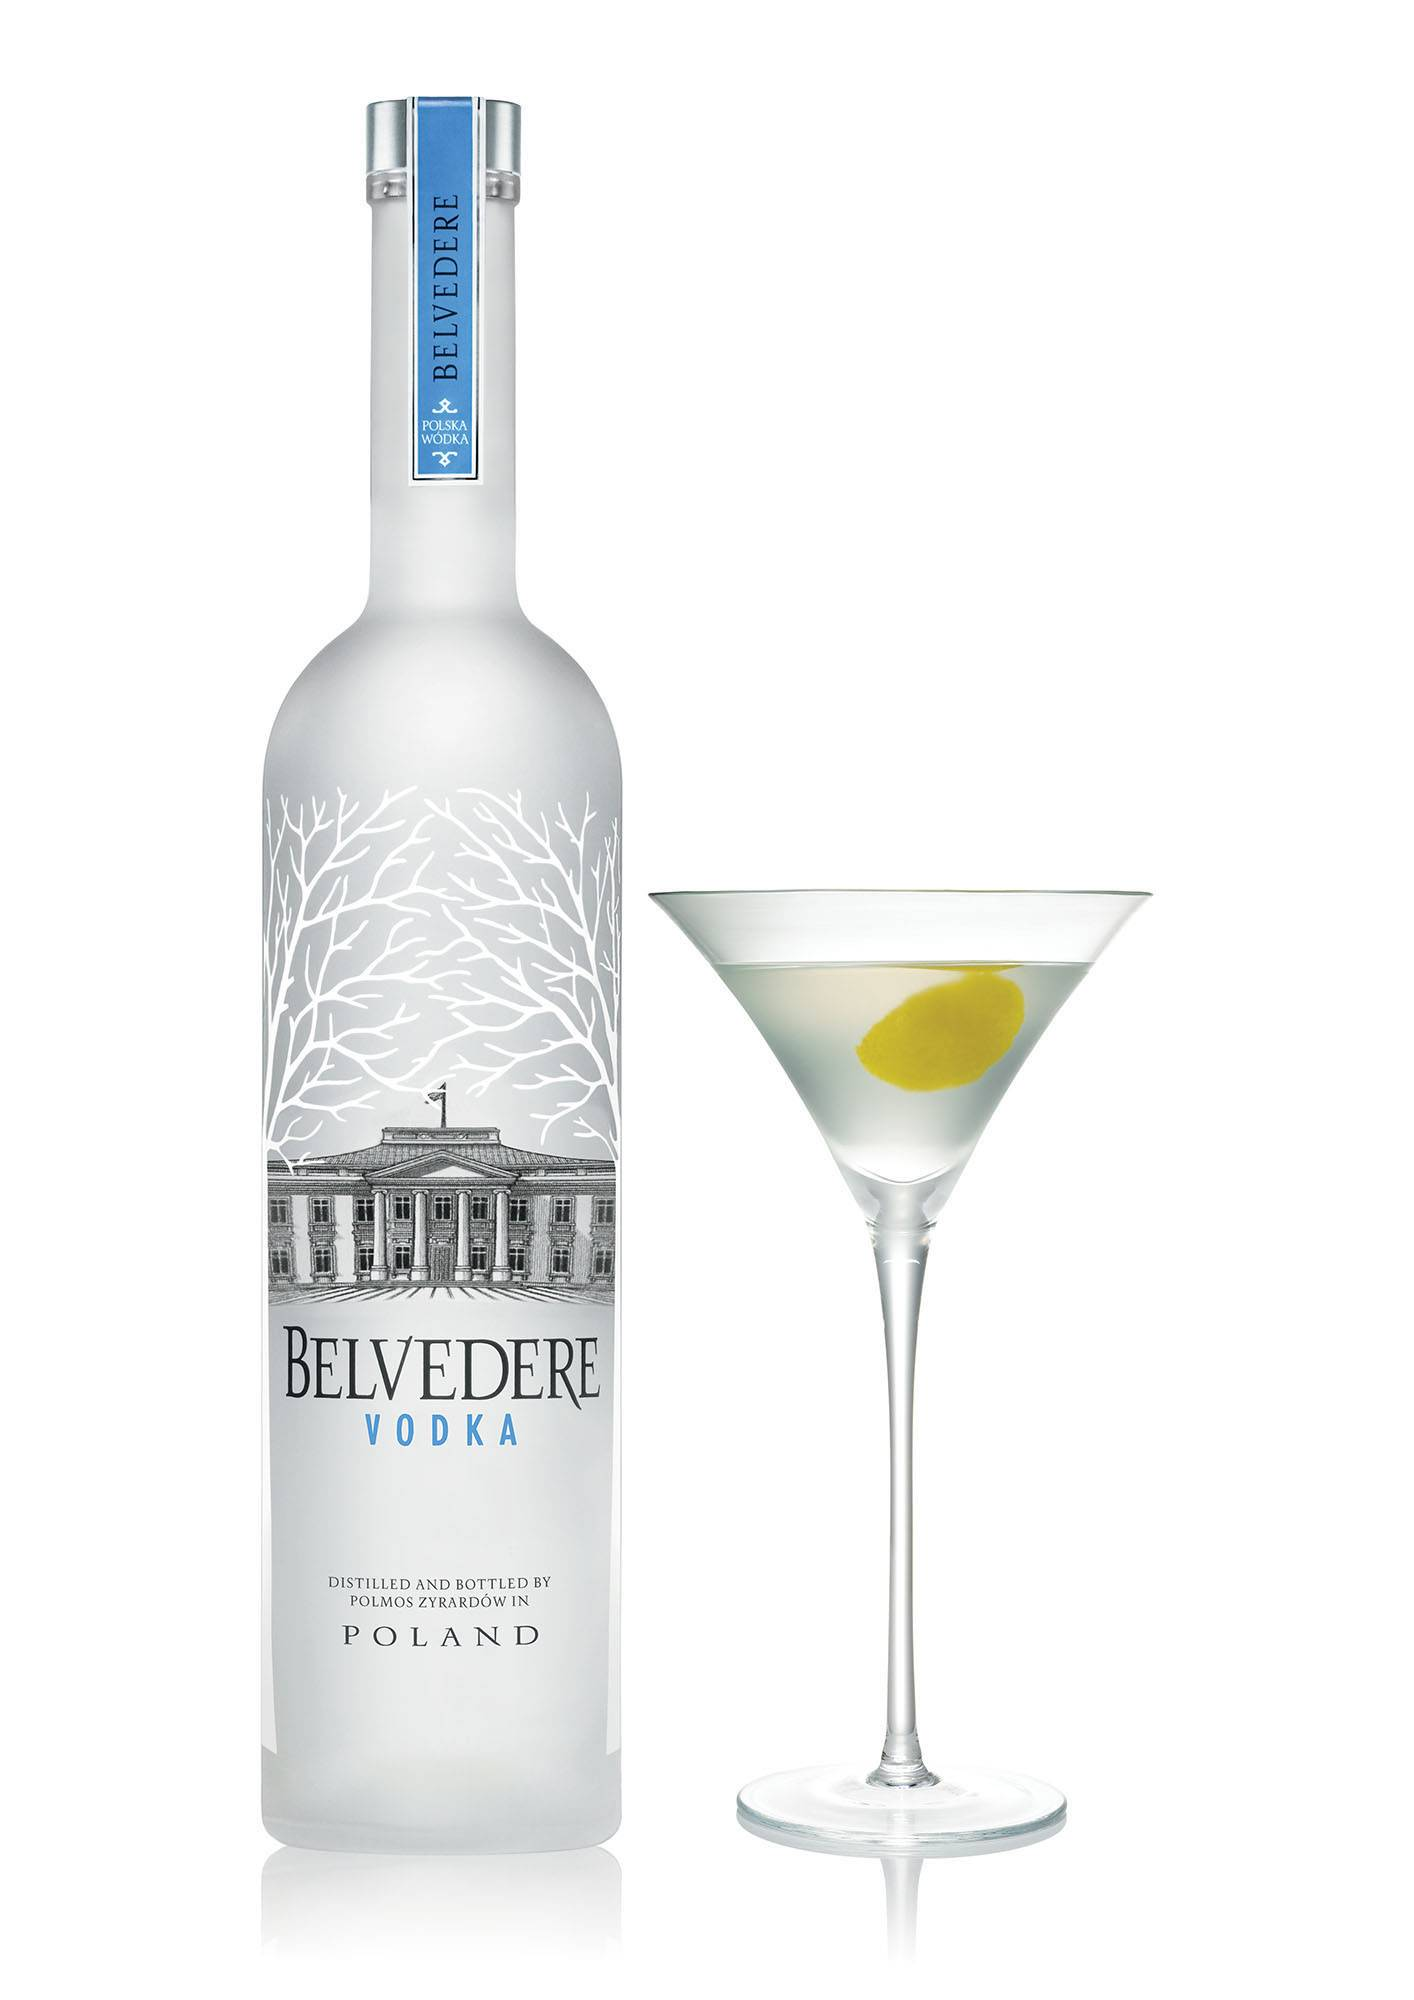 Водка «бельведер»: вкусовые качества, ценовая категория, мнение дегустаторов